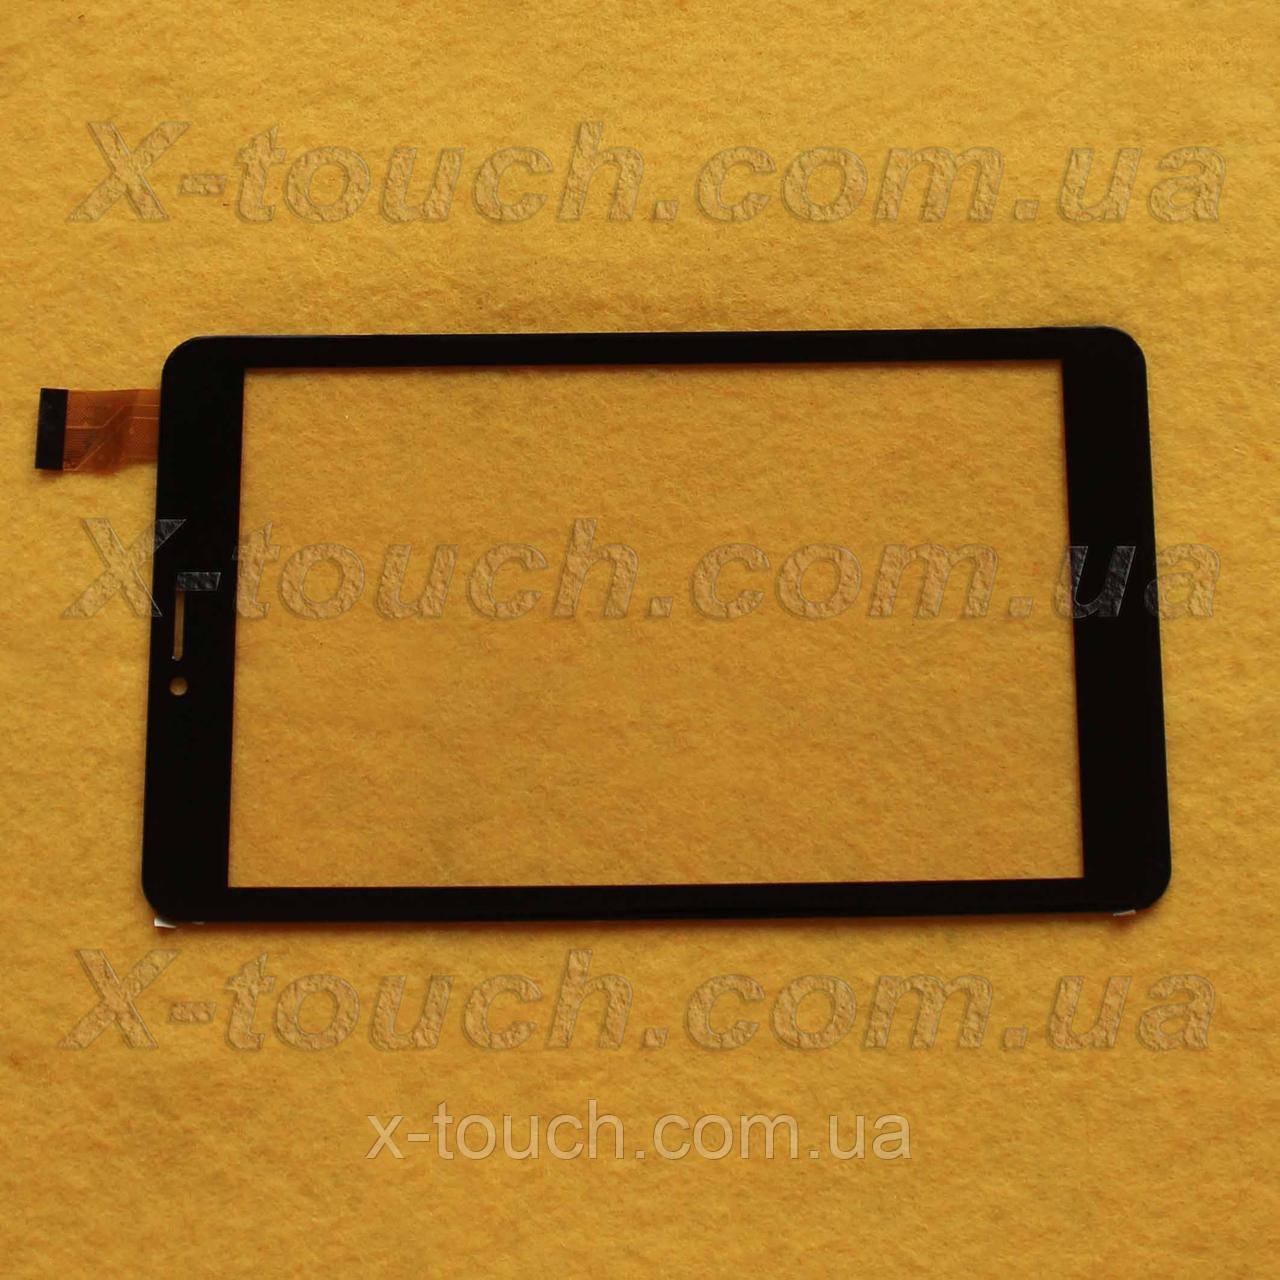 Тачскрин, сенсор ZYD070-268-V02 для планшета, 2.5D.